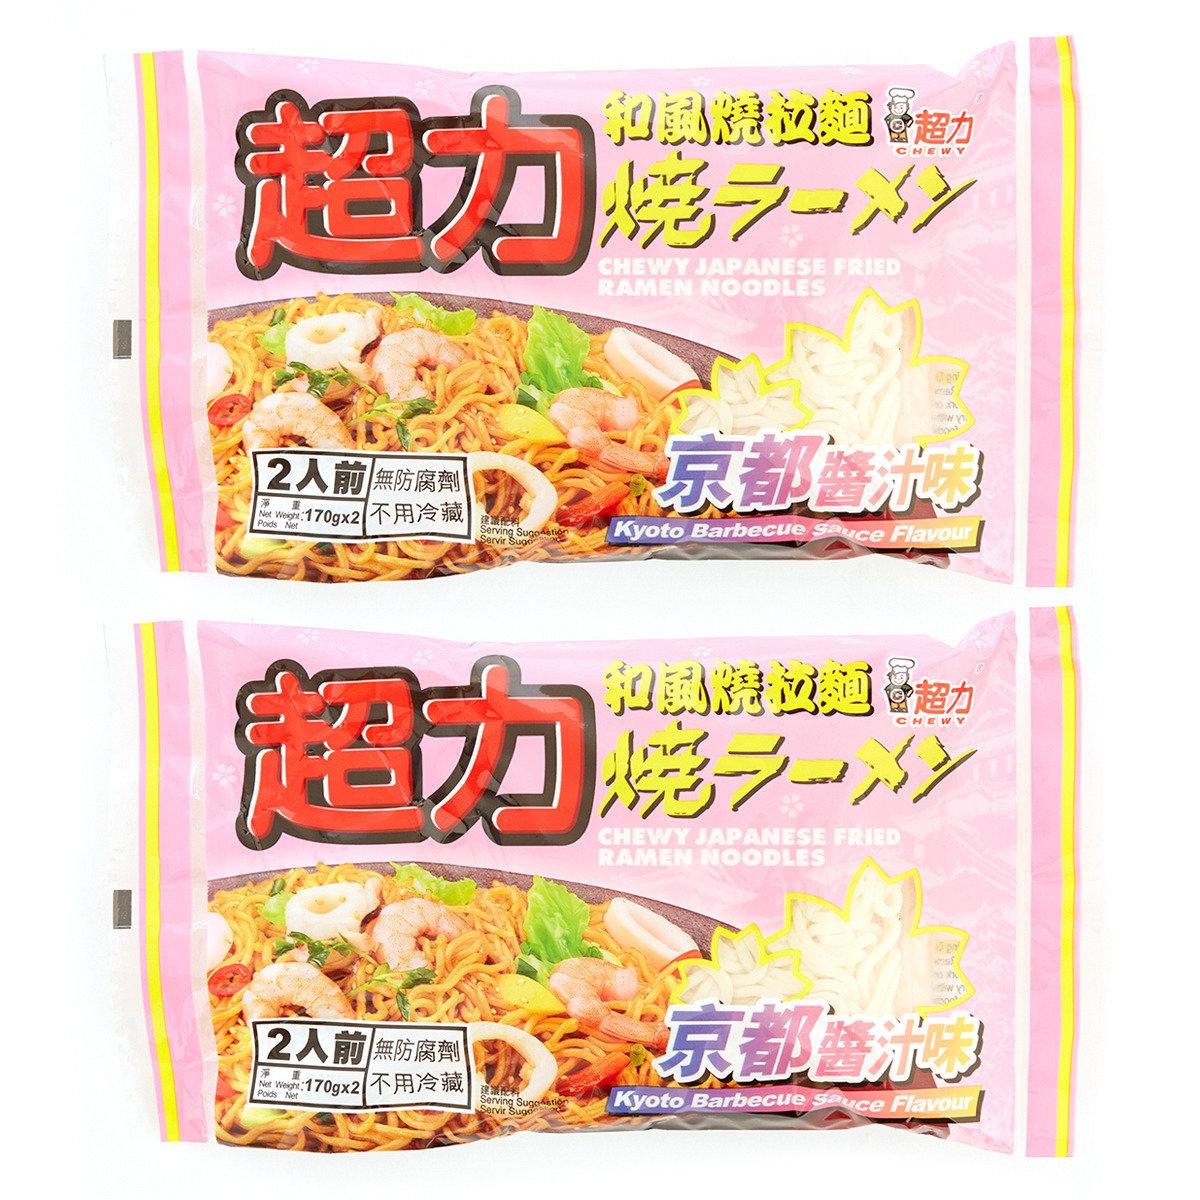 和風燒拉麵 - 京都醬汁味